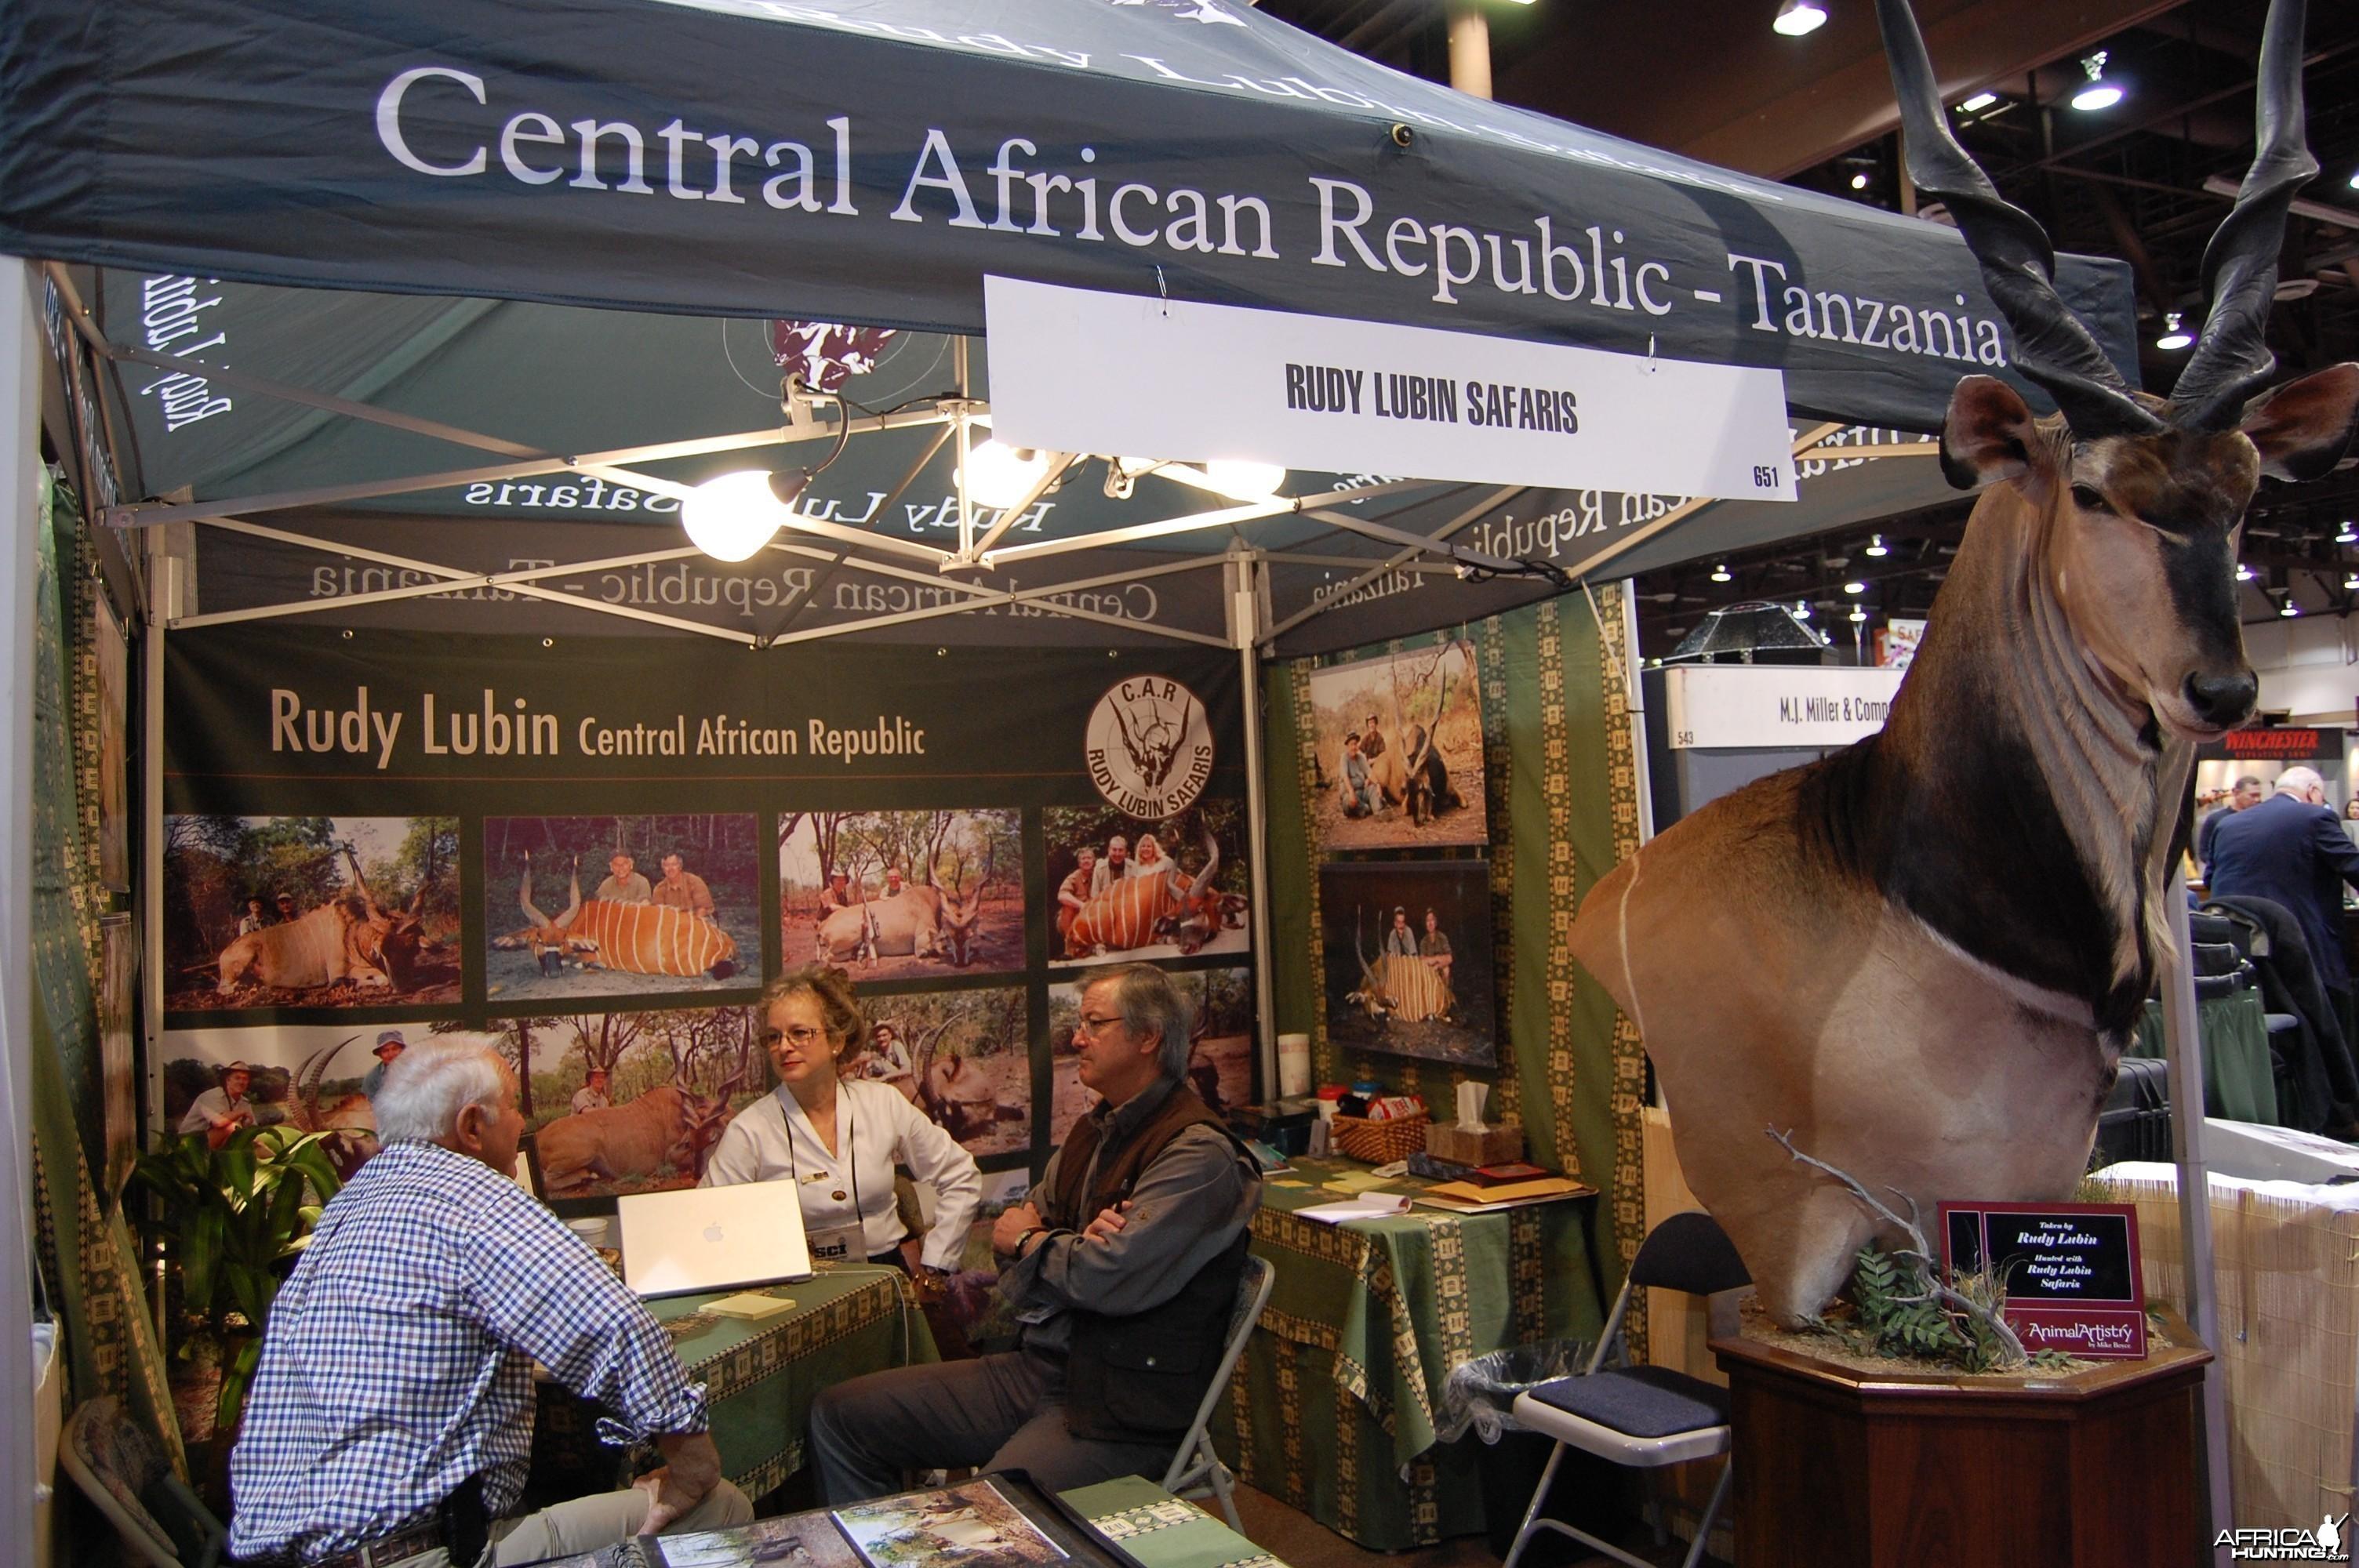 Rudy Lubin Safaris